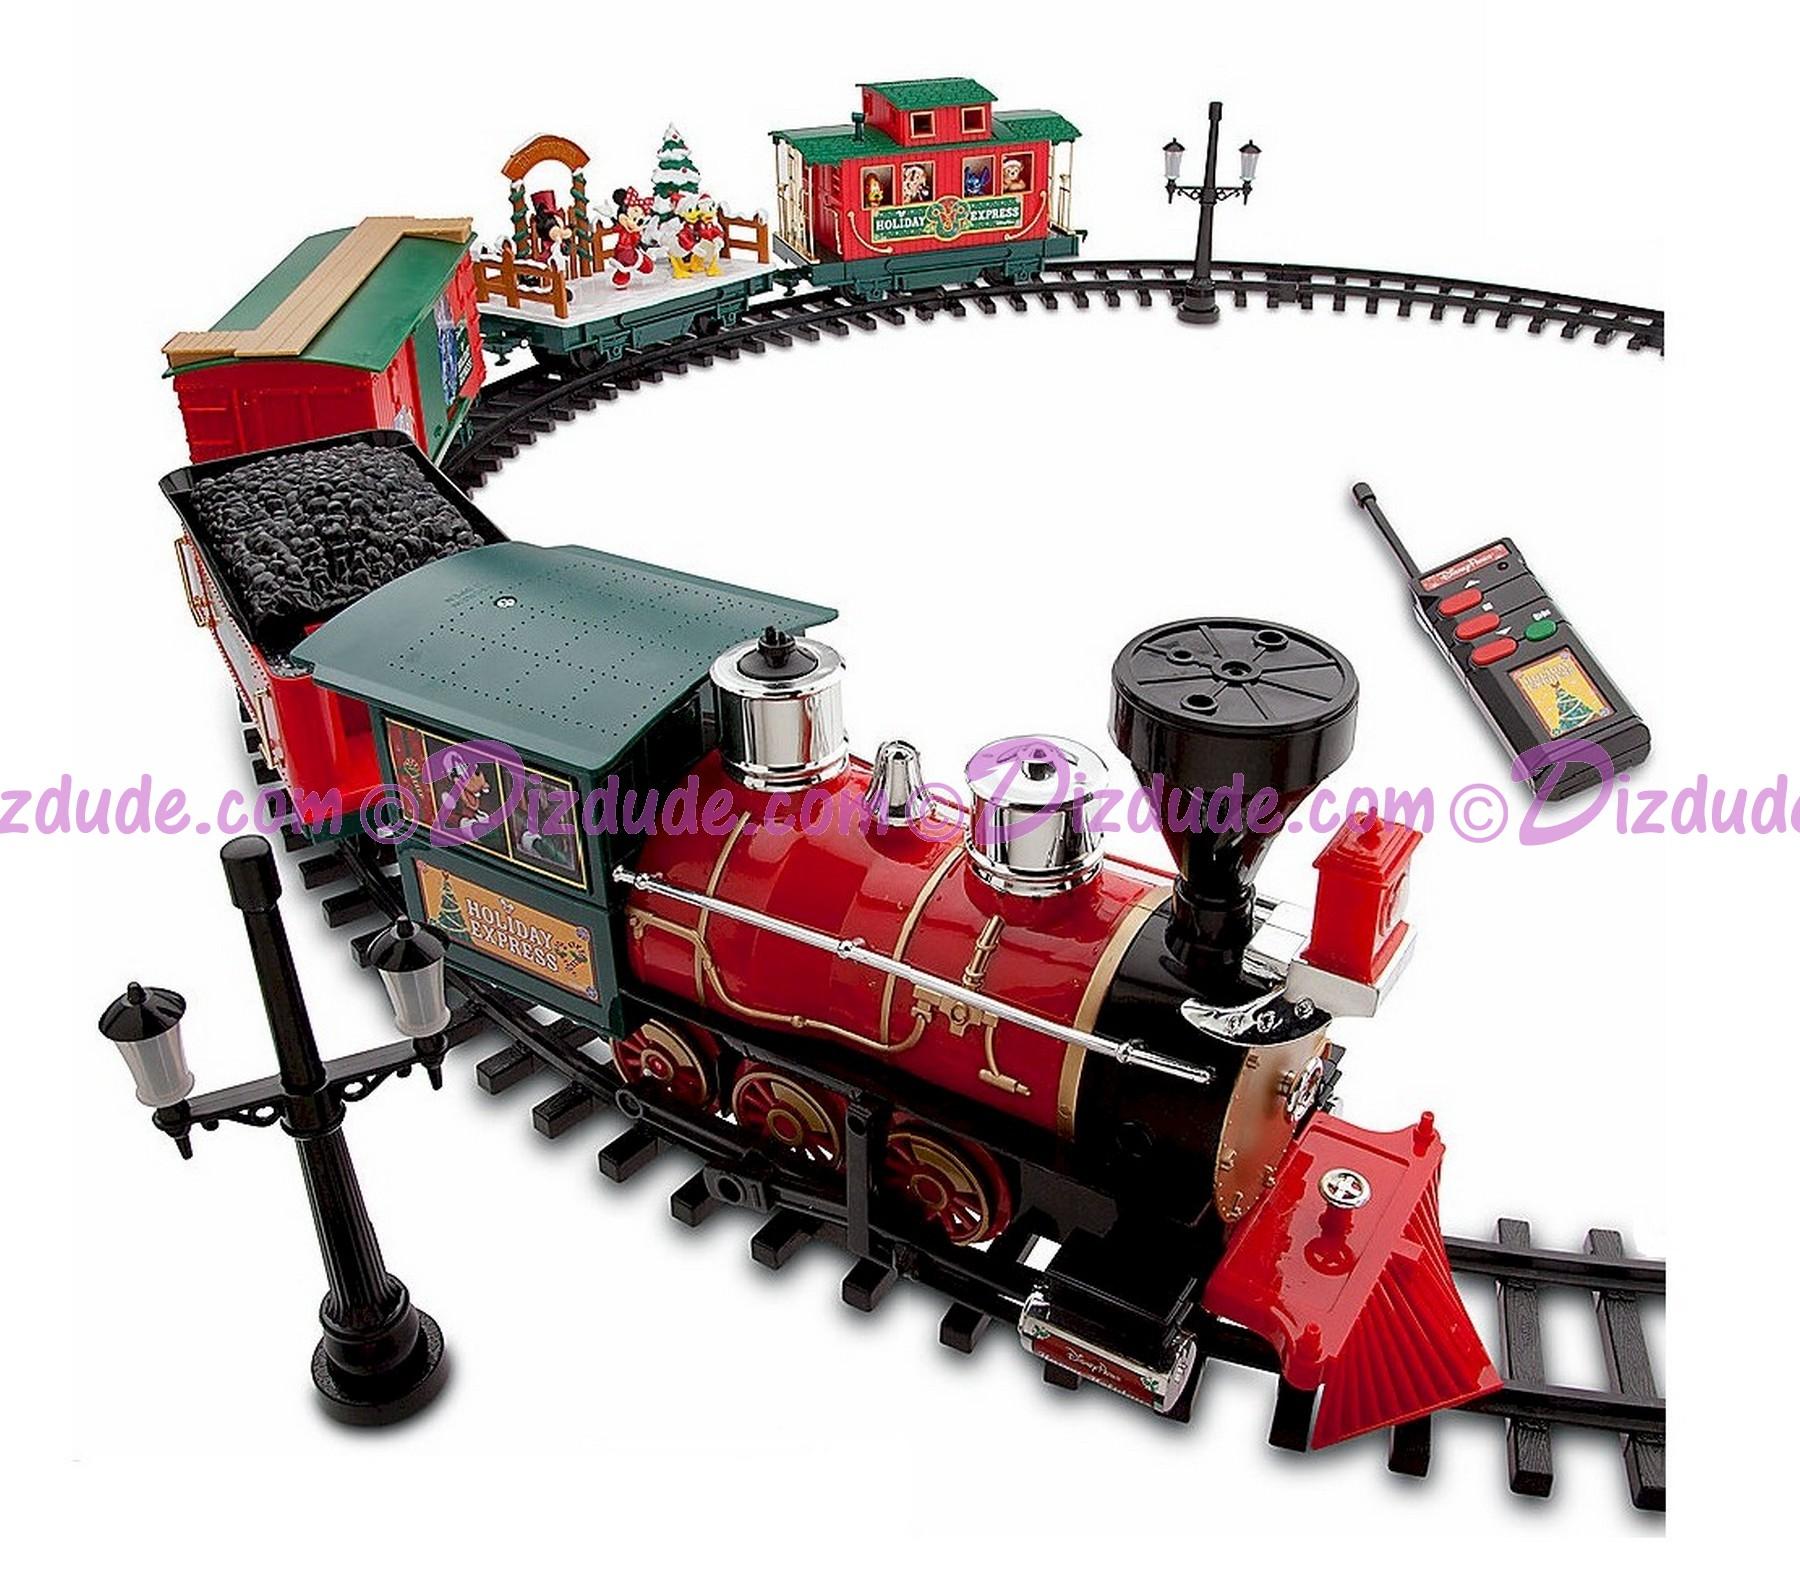 New Disney Holiday Express Christmas Train Set ©Dizdude.com